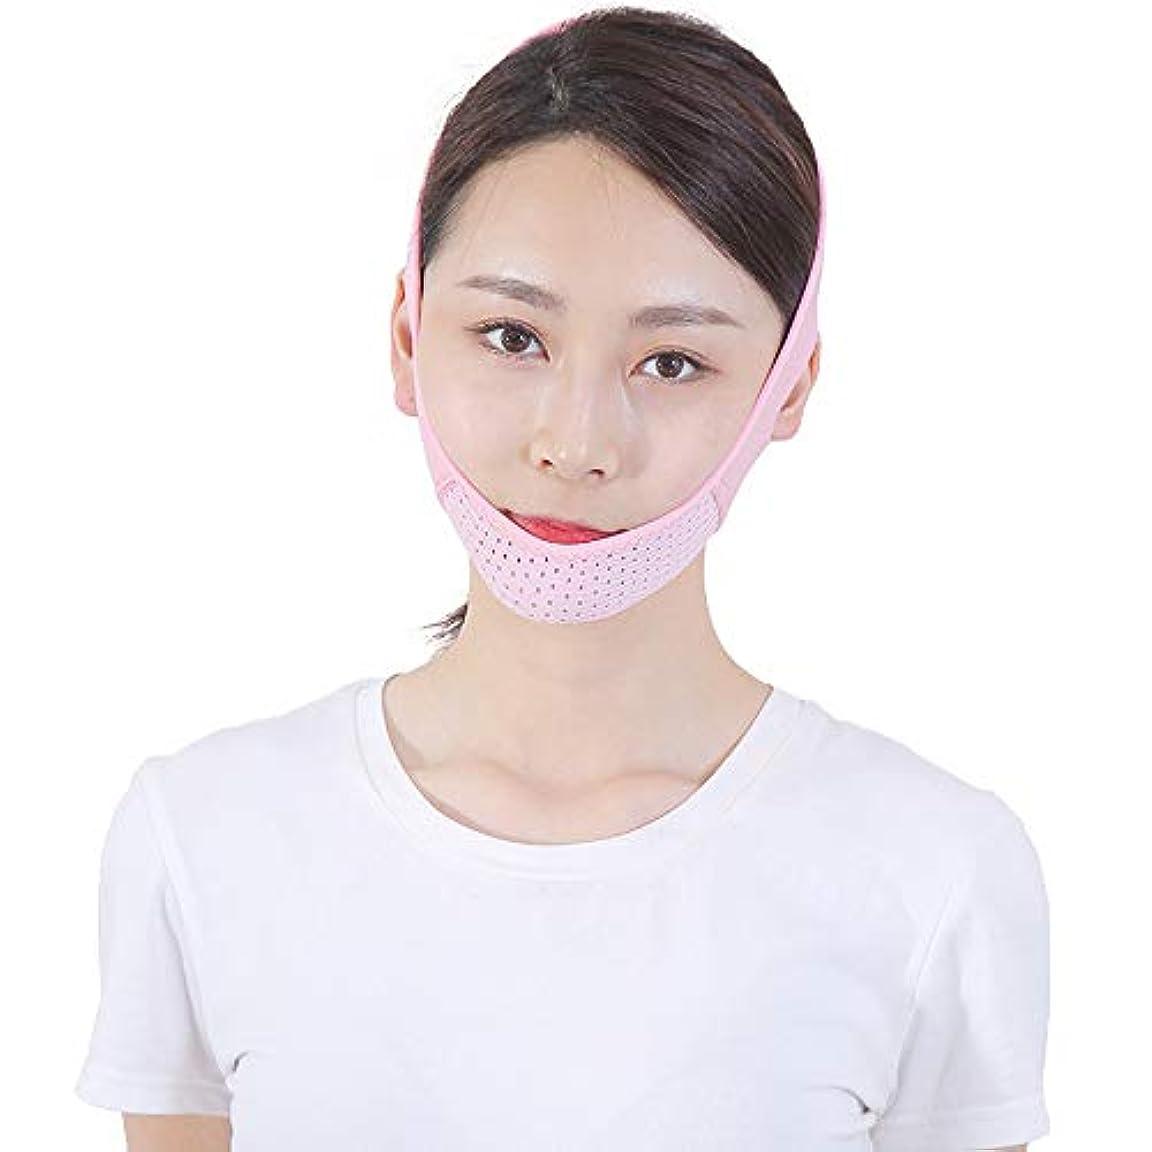 タイトディスカウント聖なる薄い顔のベルト - 薄い顔のベルト 顔の包帯ダブルチンの顔リフトの人工物Vのフェイスベルト薄い顔のマスク 美しさ